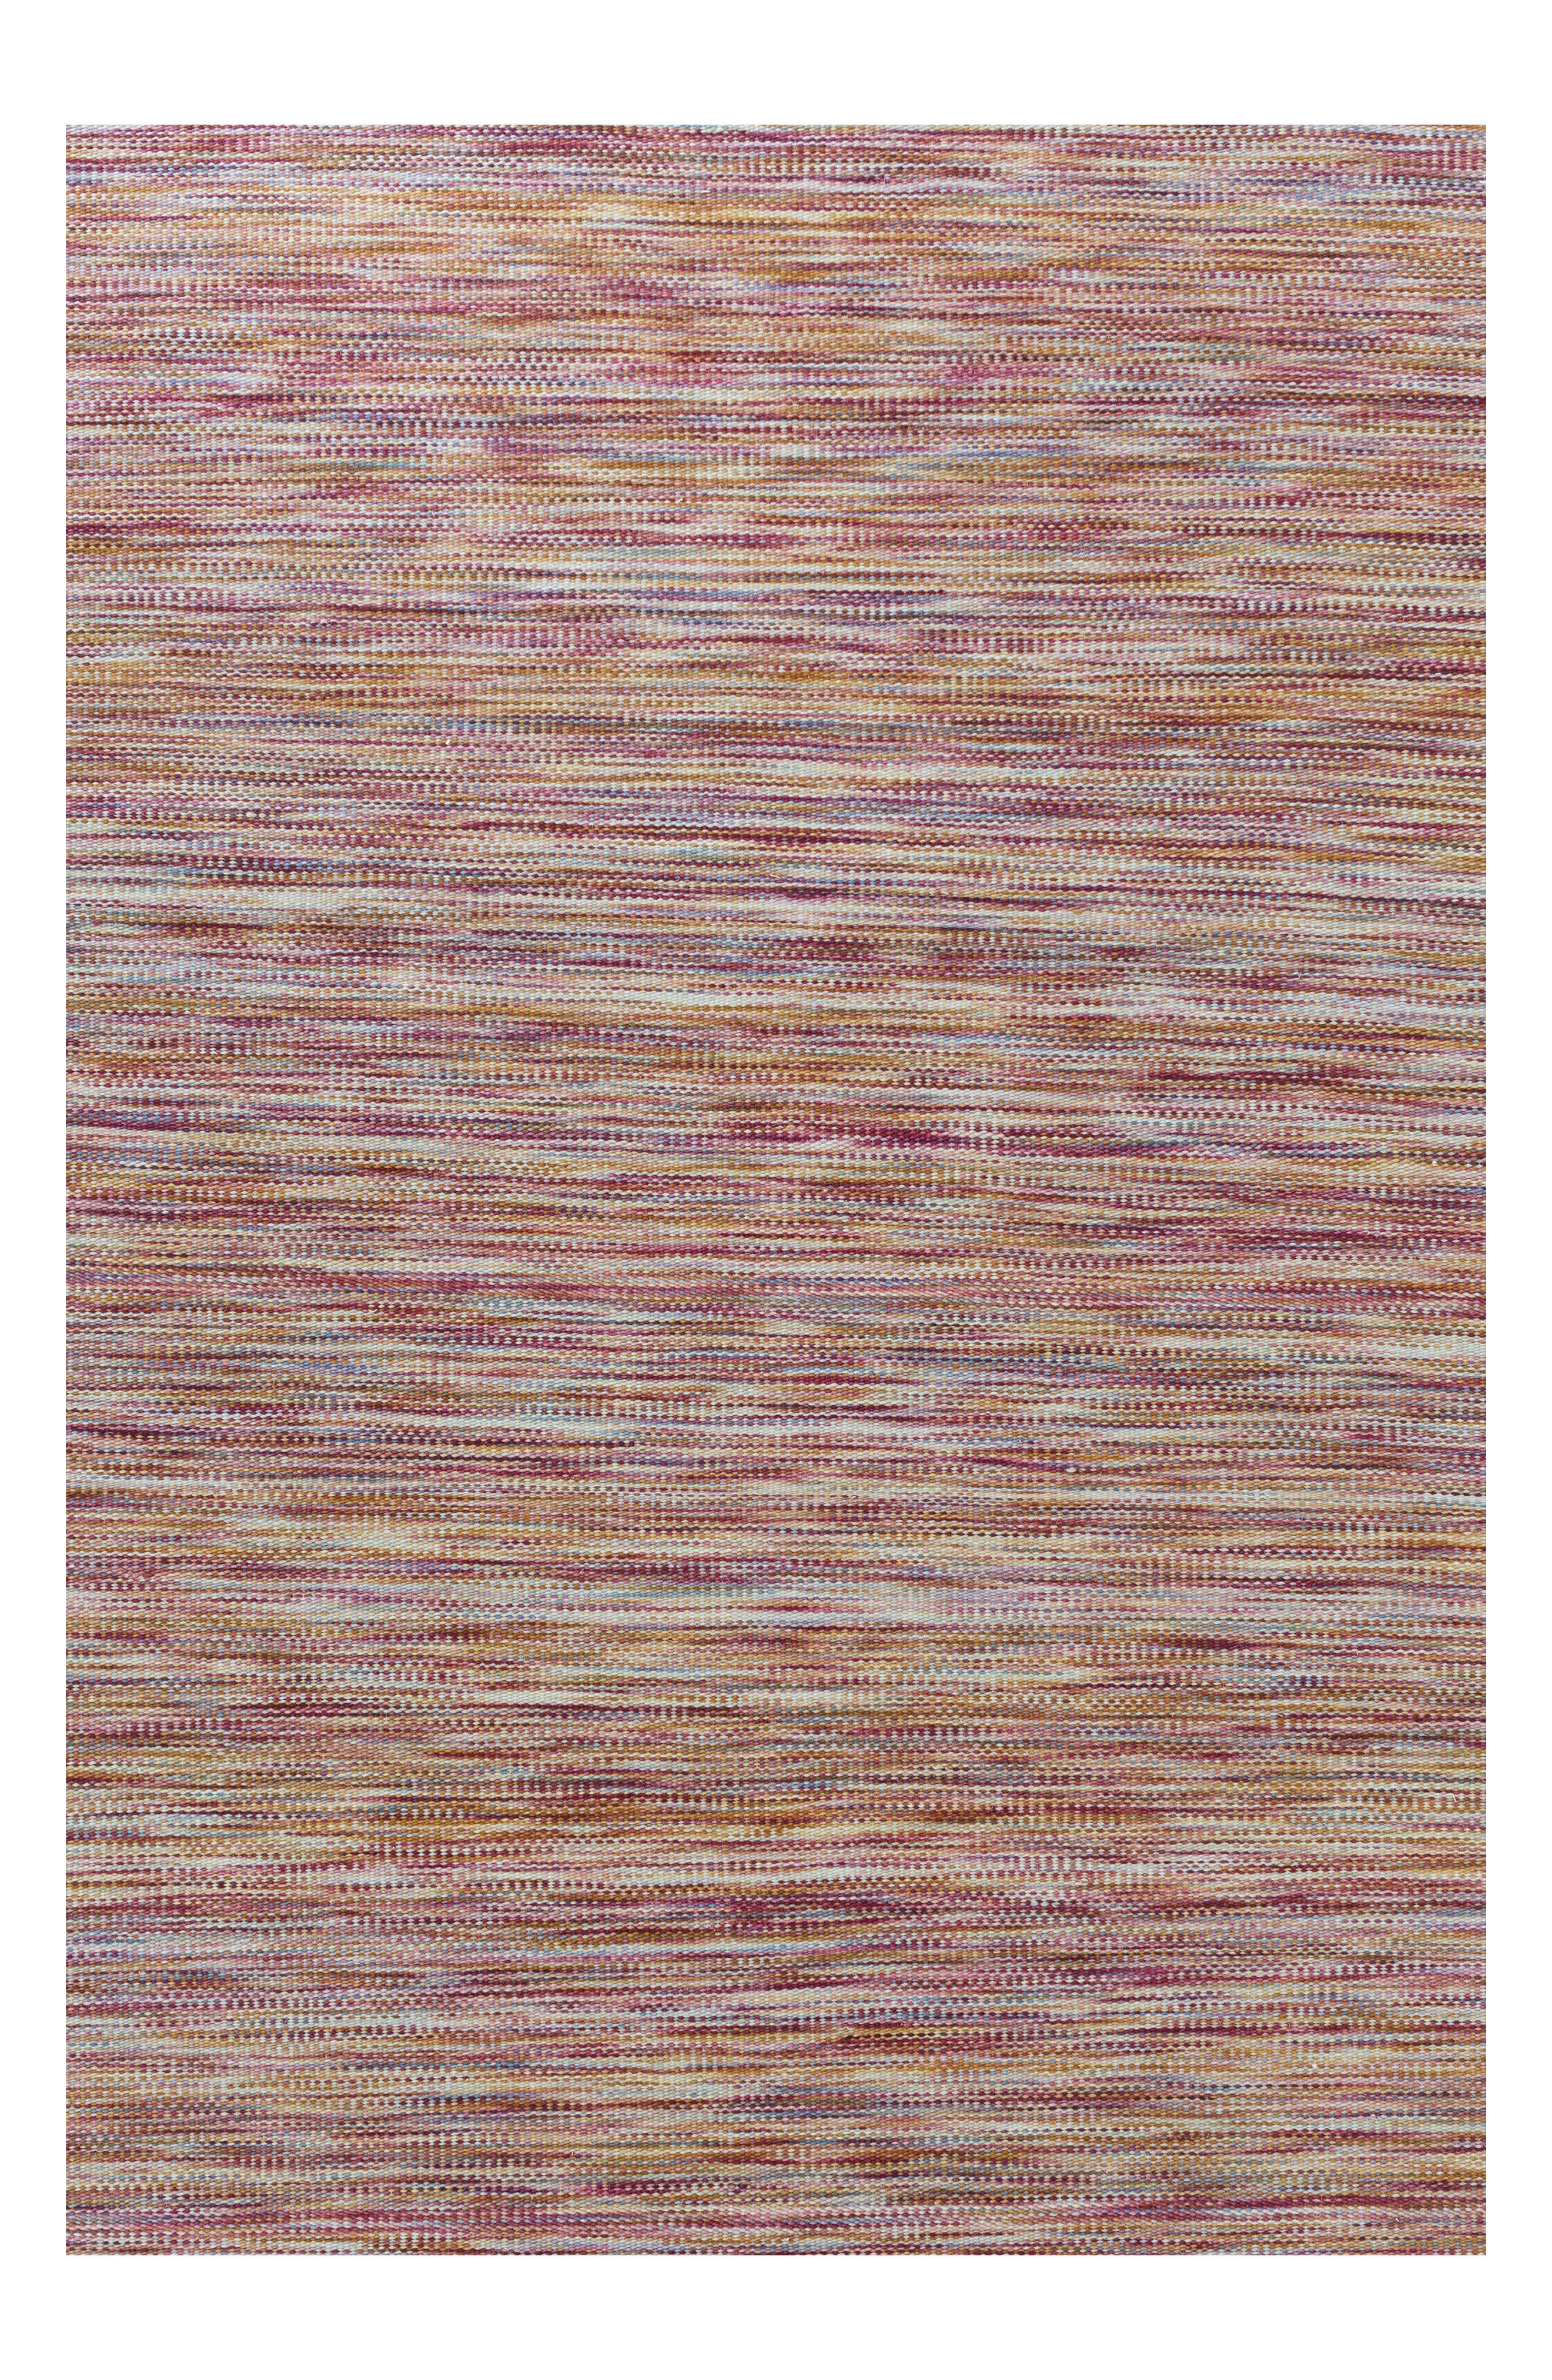 Bloomsbury Handwoven Wool Blend Rug,                         Main,                         color, Brown